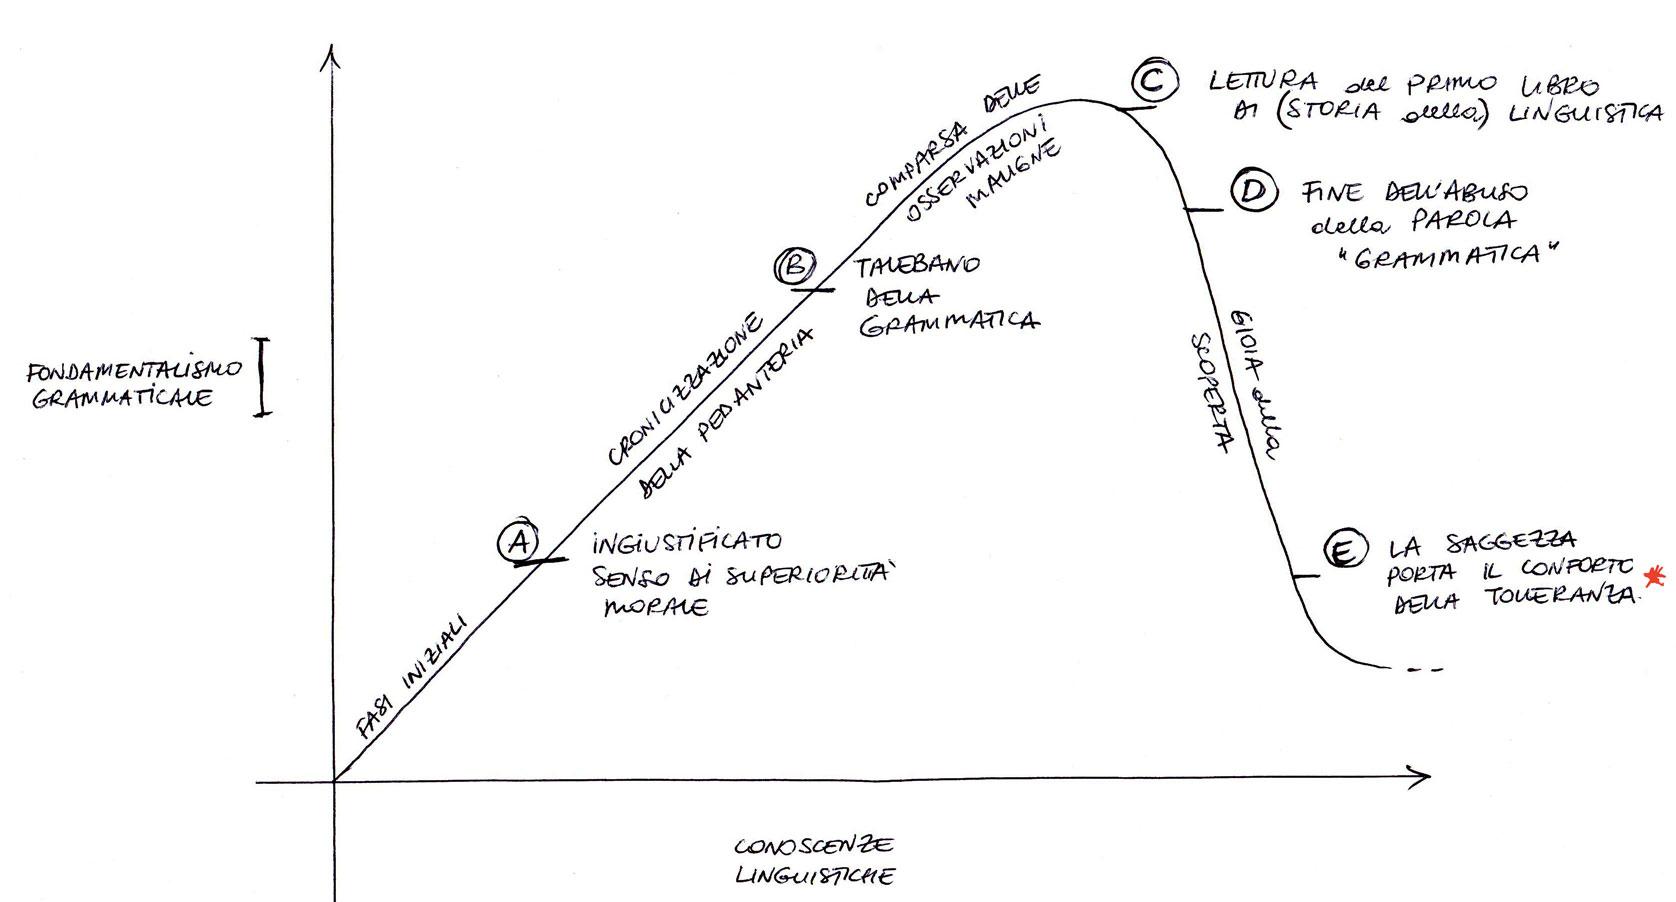 Grafico sul fondamentalismo grammaticale